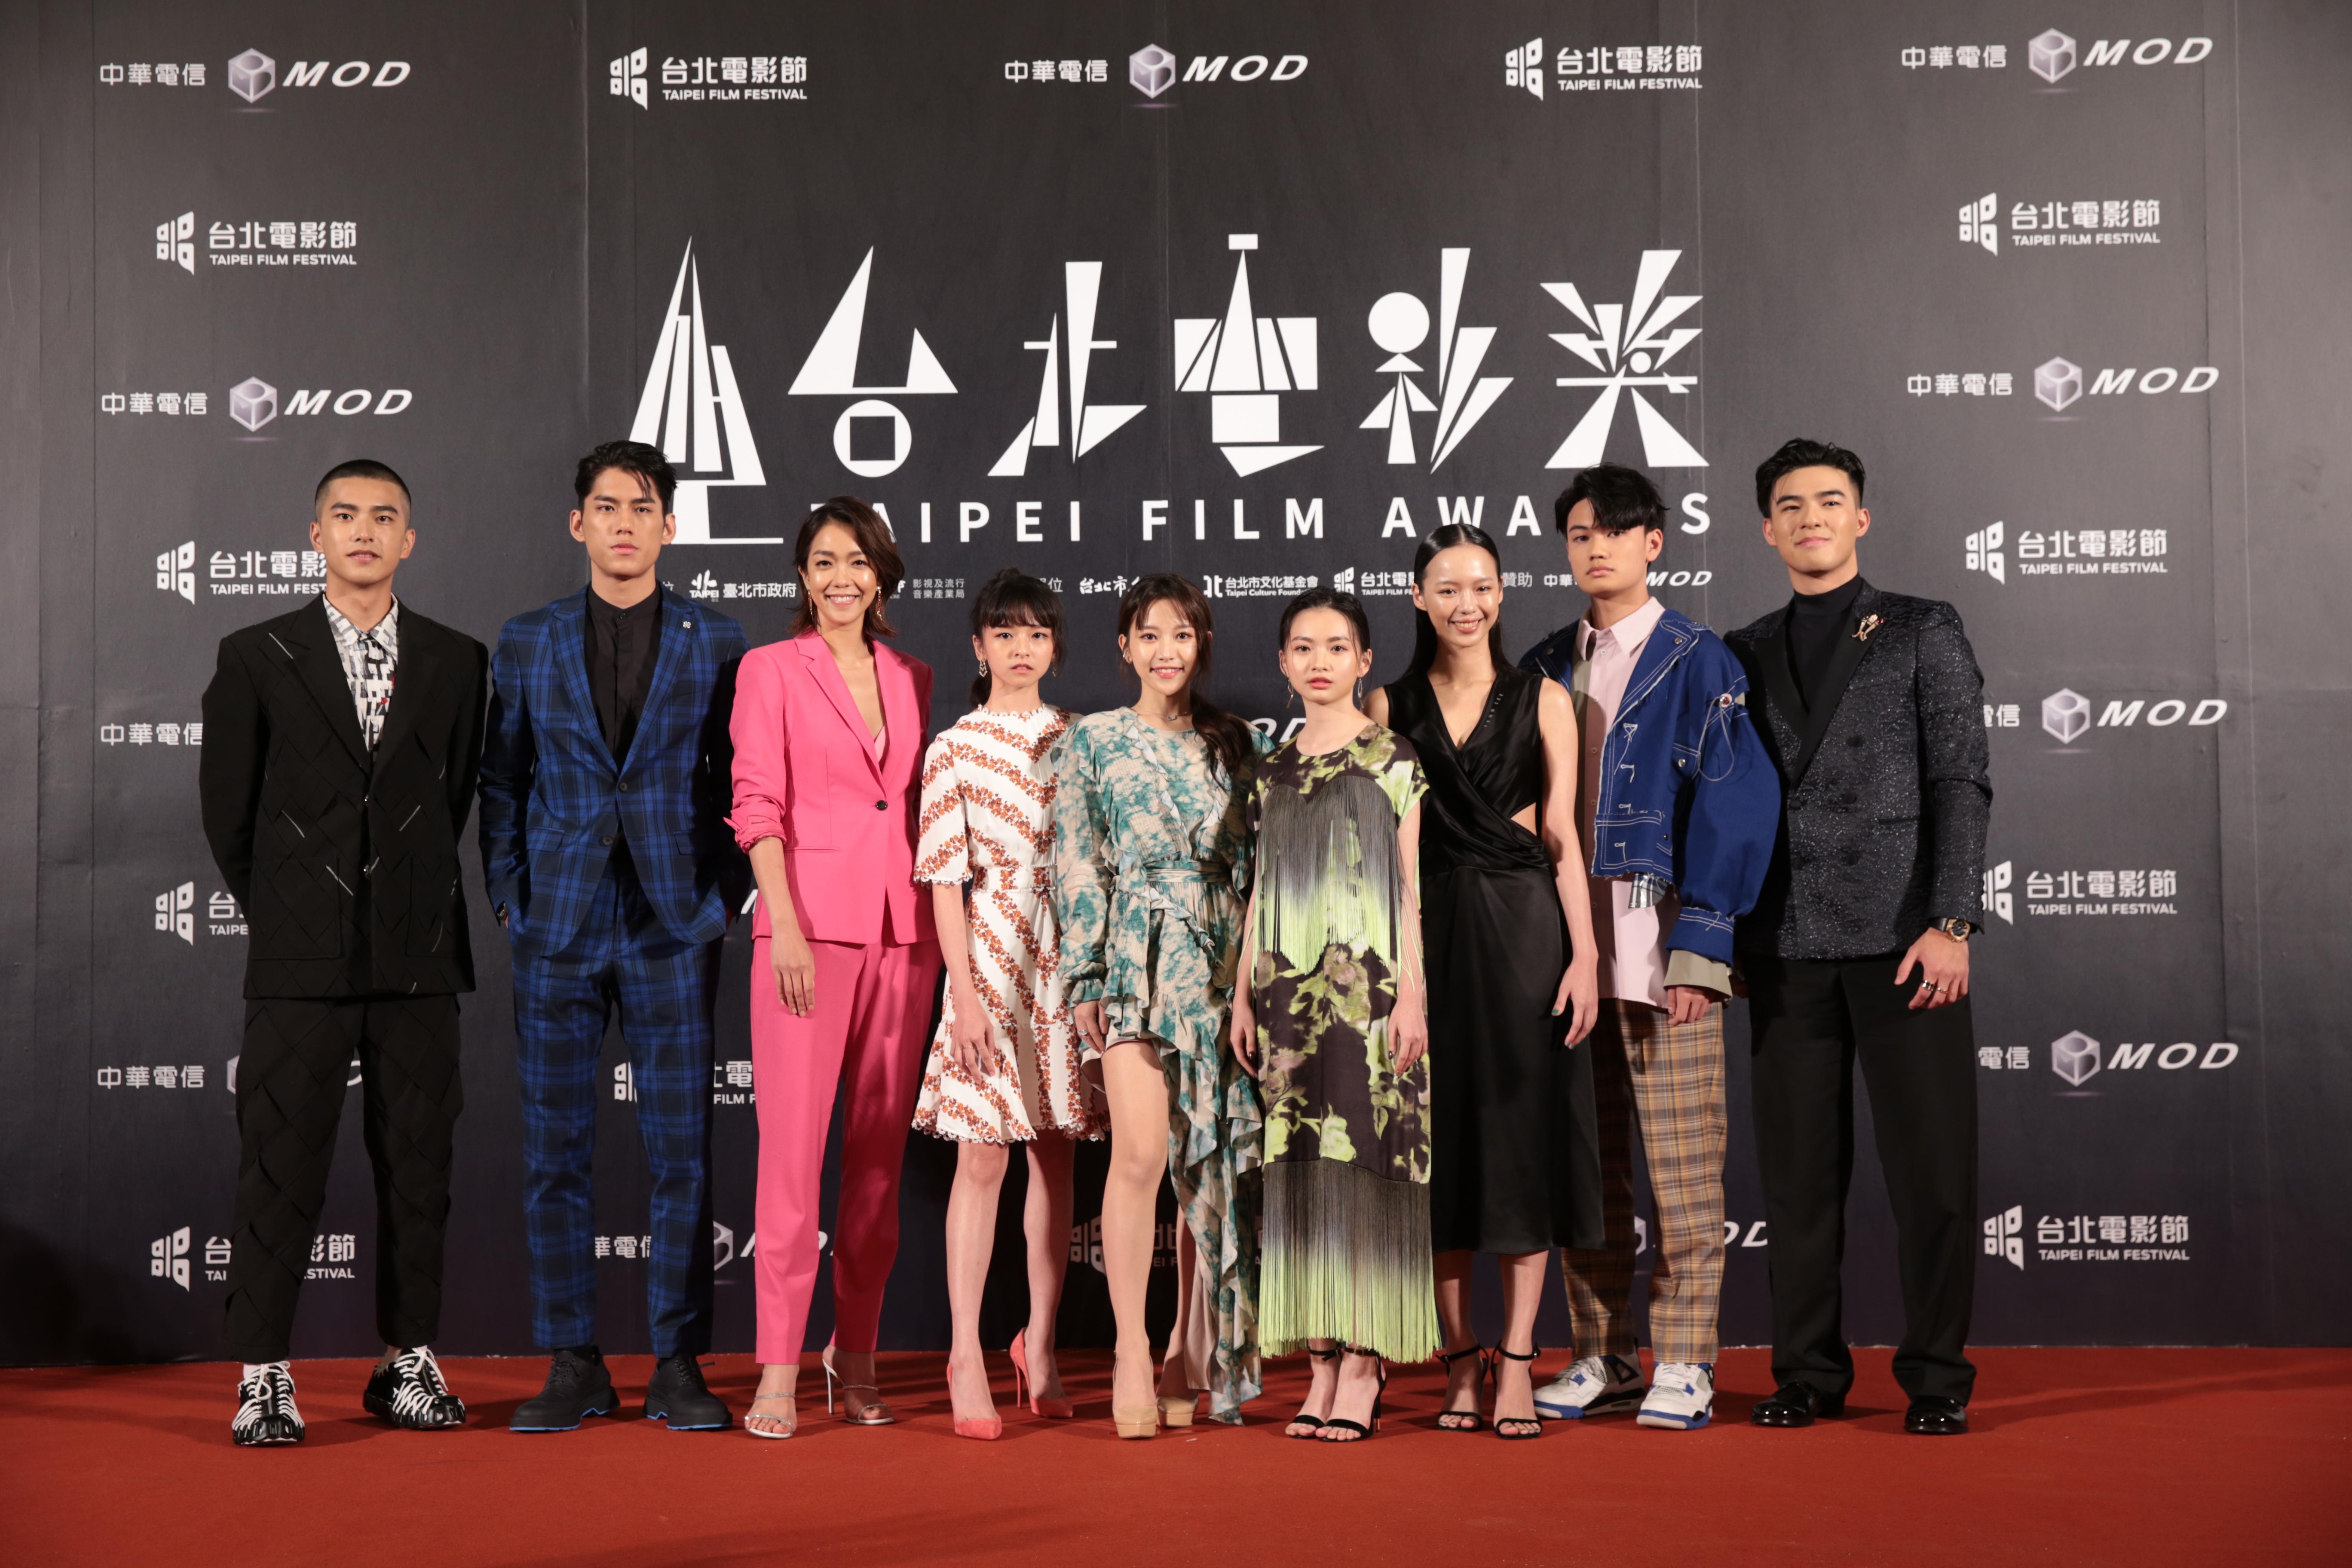 台北電影節 2020 非常新人,左起曾敬驊、朱軒洋、李霈瑜、陳姸霏、蔡瑞雪、詹宛儒、王渝屏、劉子銓、陳昊森。